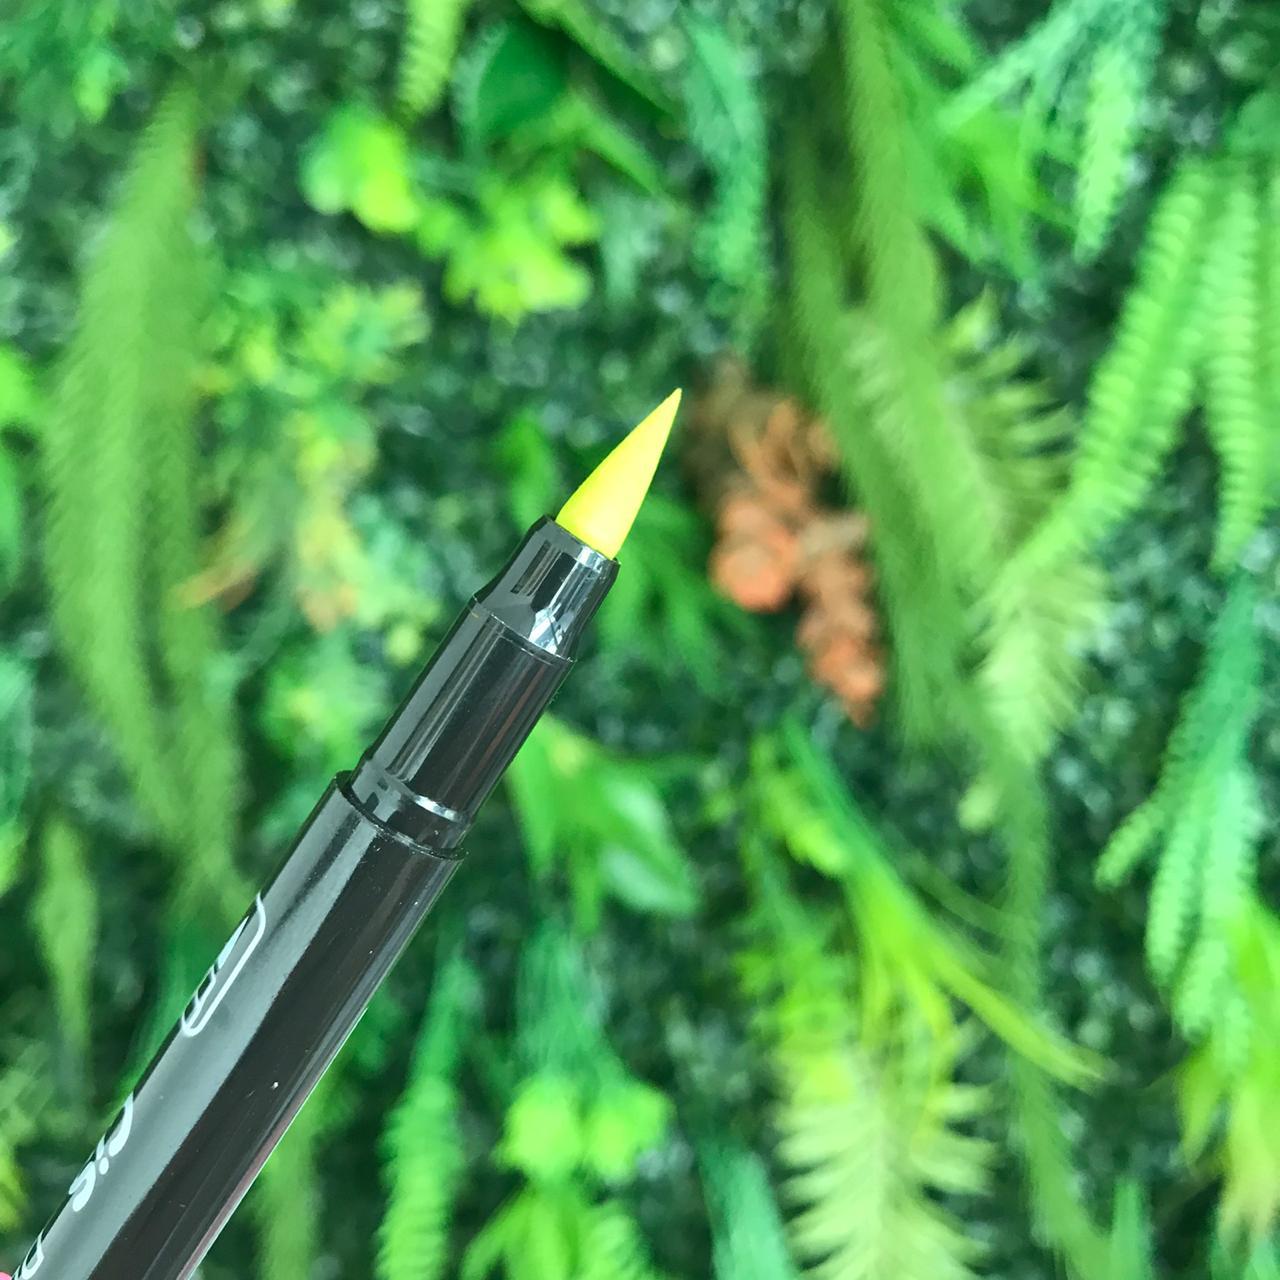 Cis Dual Brush Aquarelável